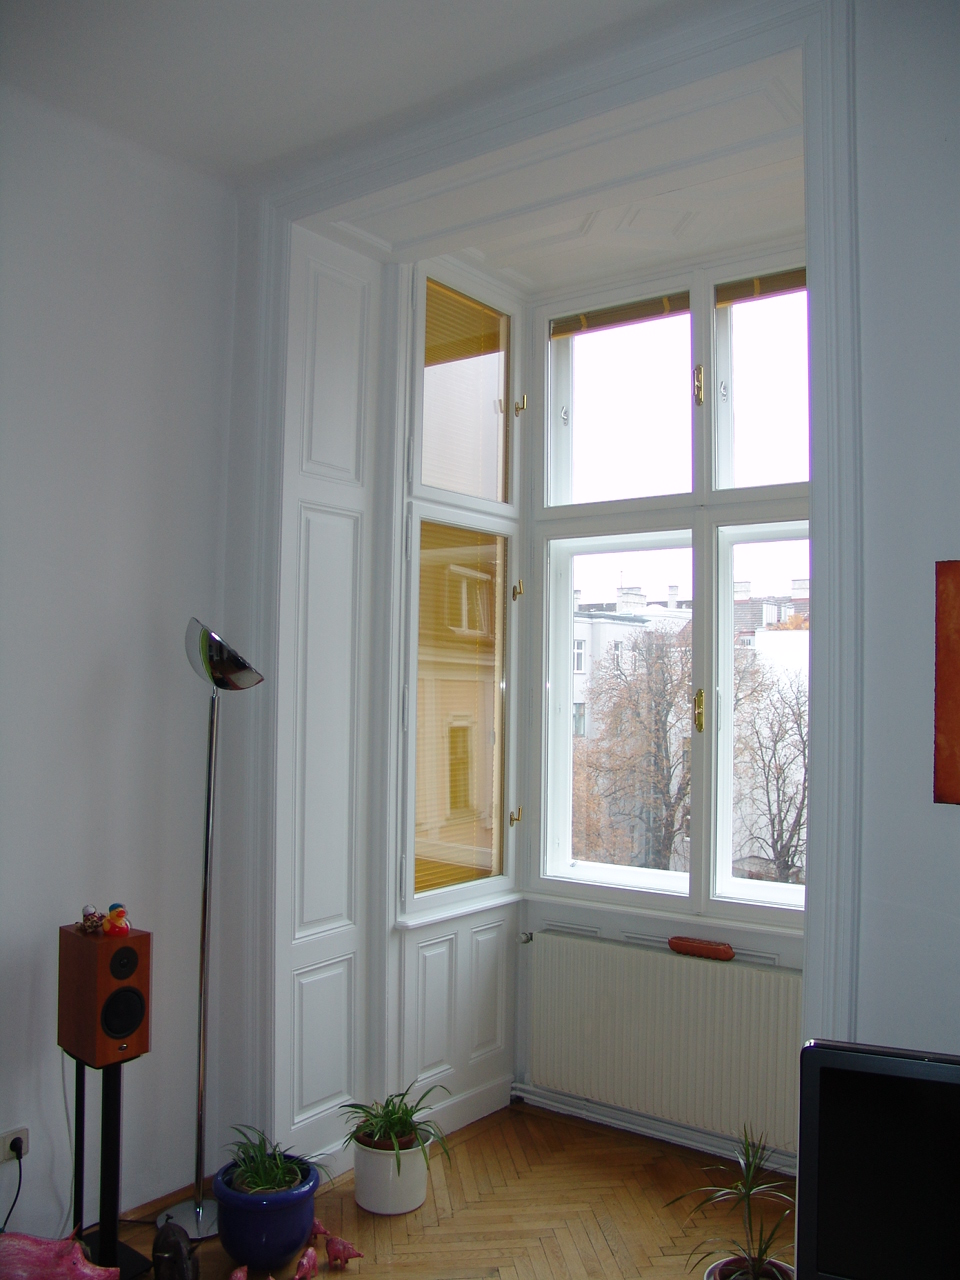 neue innen isofenster bei kastenfenster tischlerei roman schuster gmbh. Black Bedroom Furniture Sets. Home Design Ideas